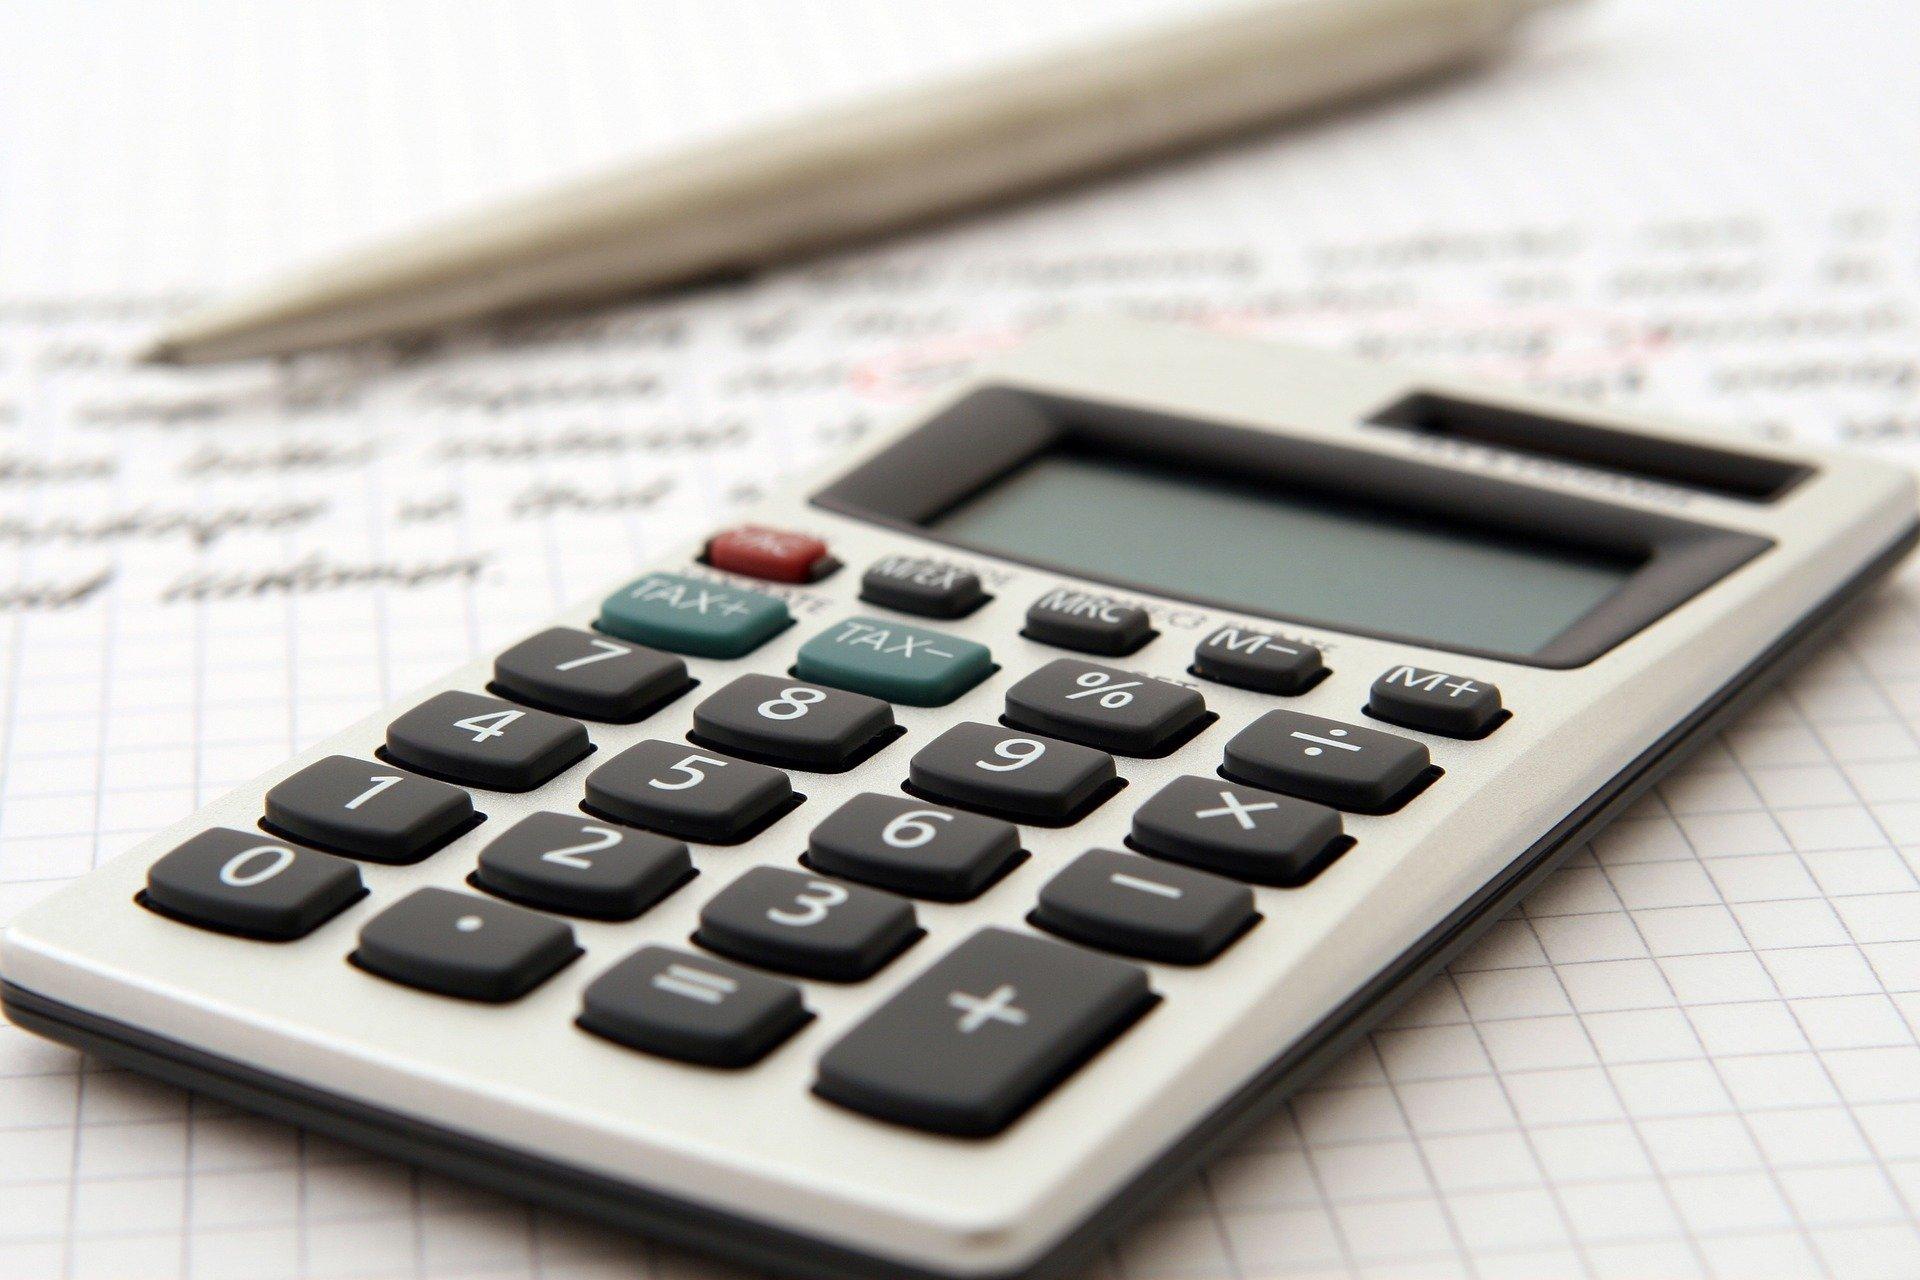 image calculatrice comptabilité - béthune, chauny, hauts-de-france